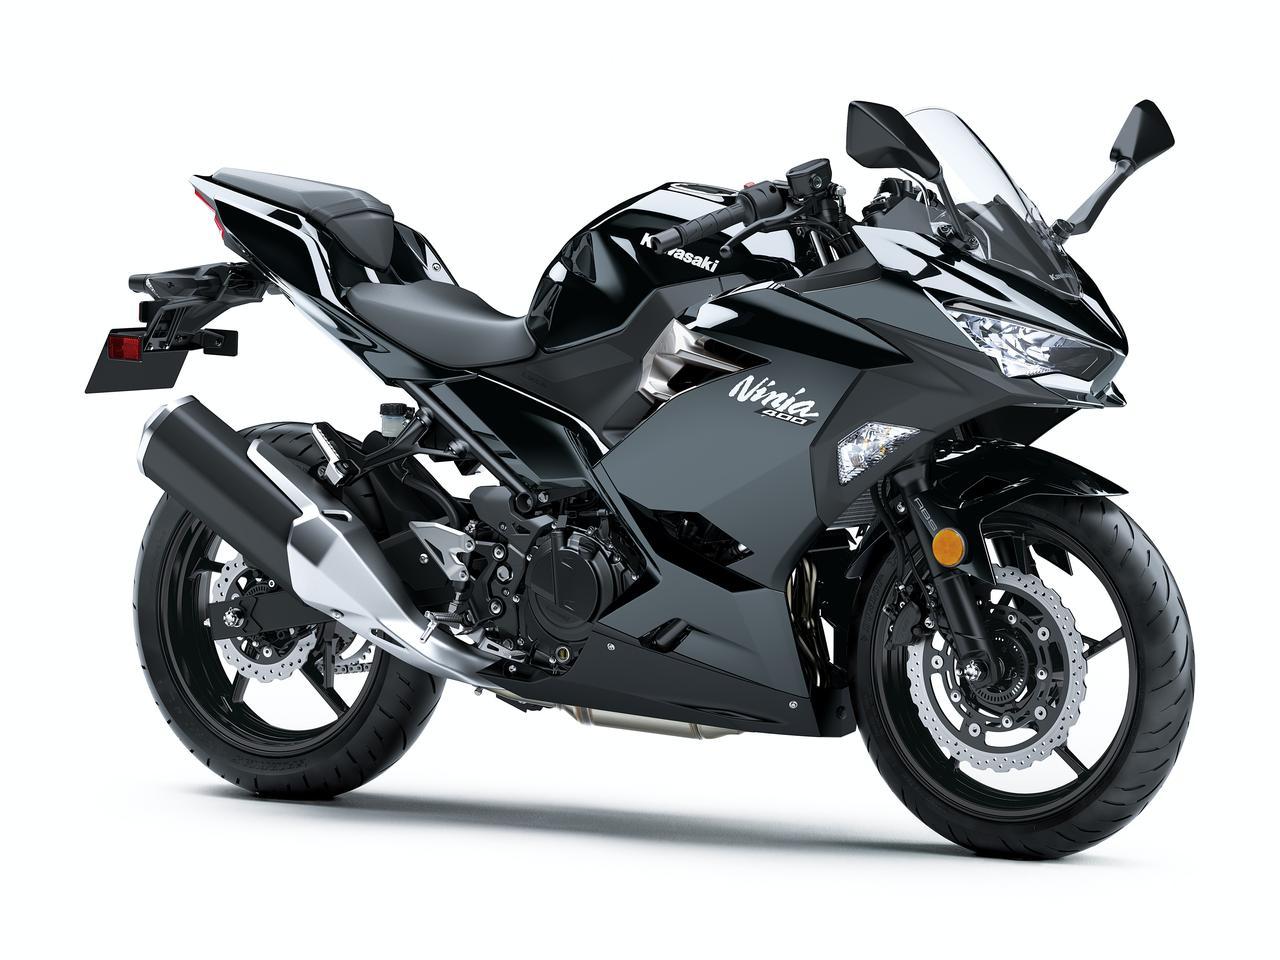 Images : 2番目の画像 - カワサキ「Ninja 400」シリーズ(2021年モデル)の写真をもっと見る! - webオートバイ